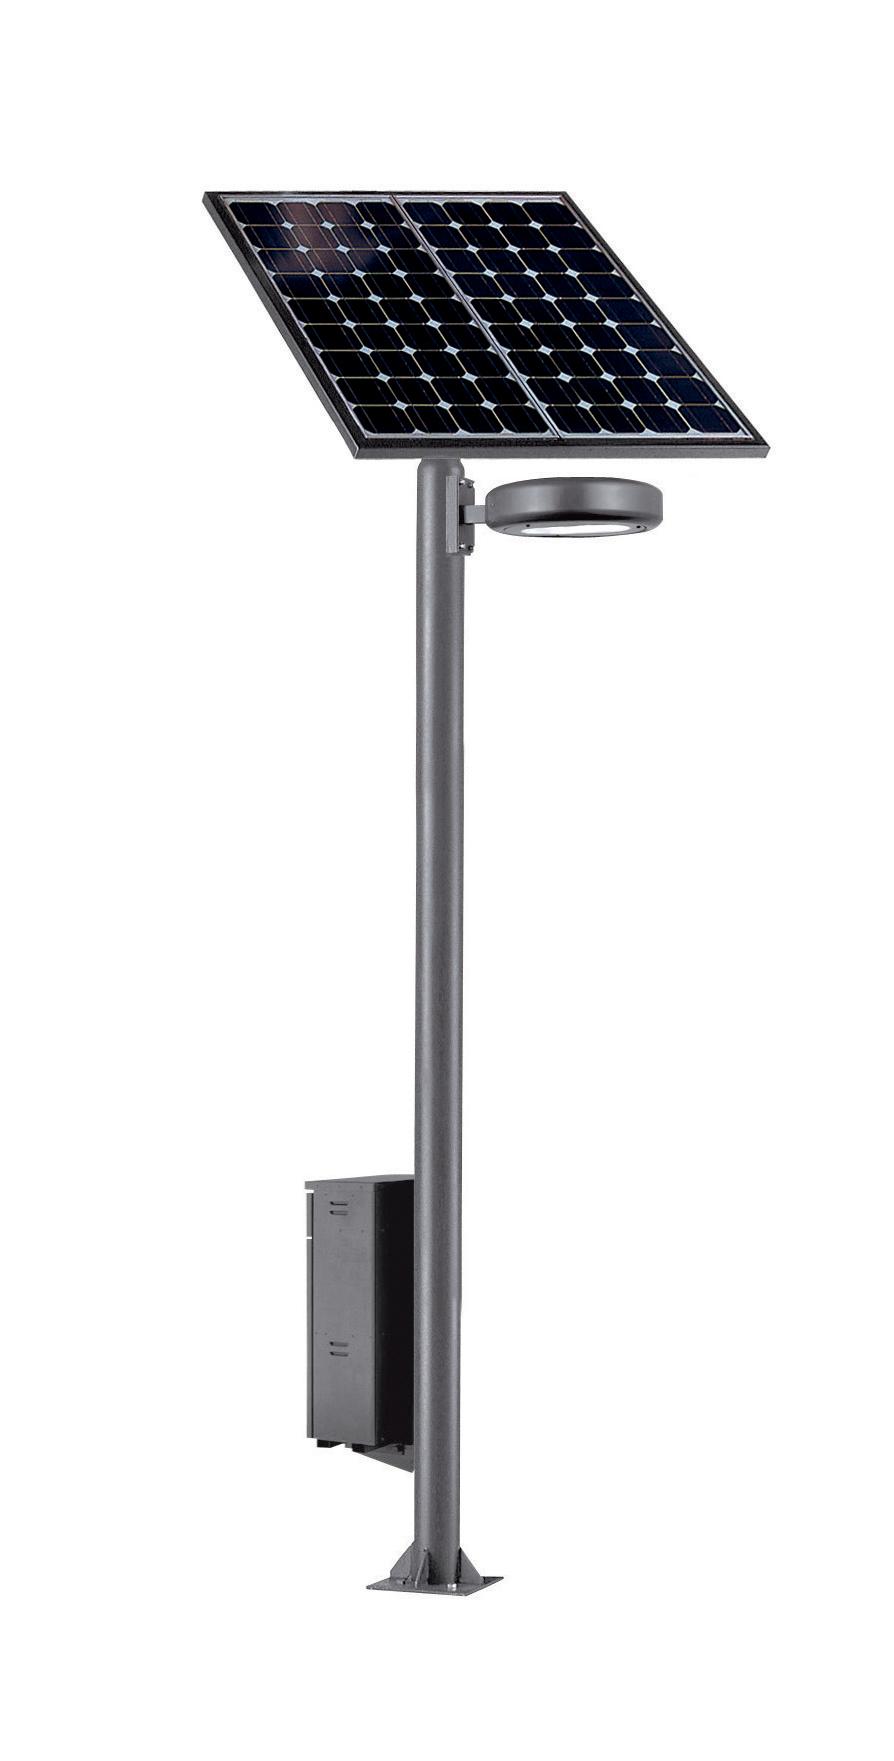 ソーラー街路灯[非常電源機能付]太陽電池パネル2枚タイプ